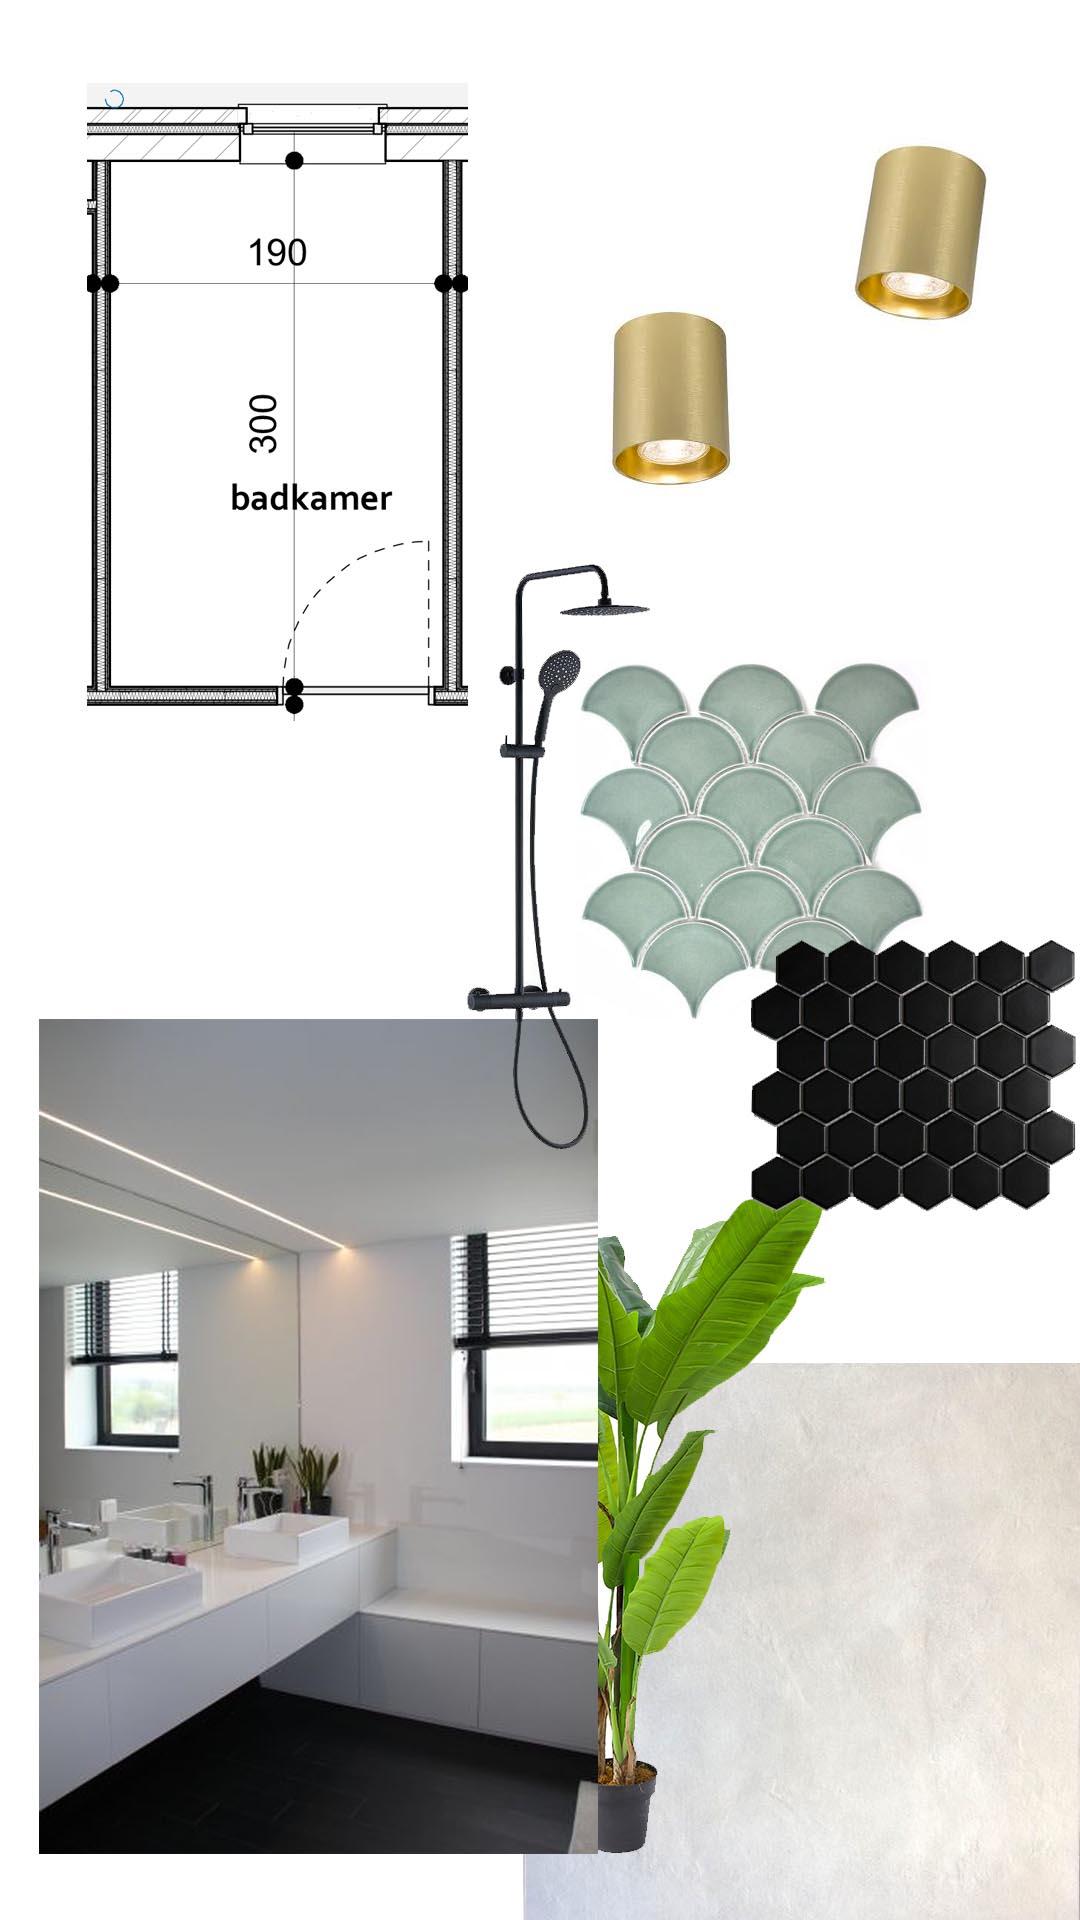 badkamer moodboard verbouwen zolea duurzaam